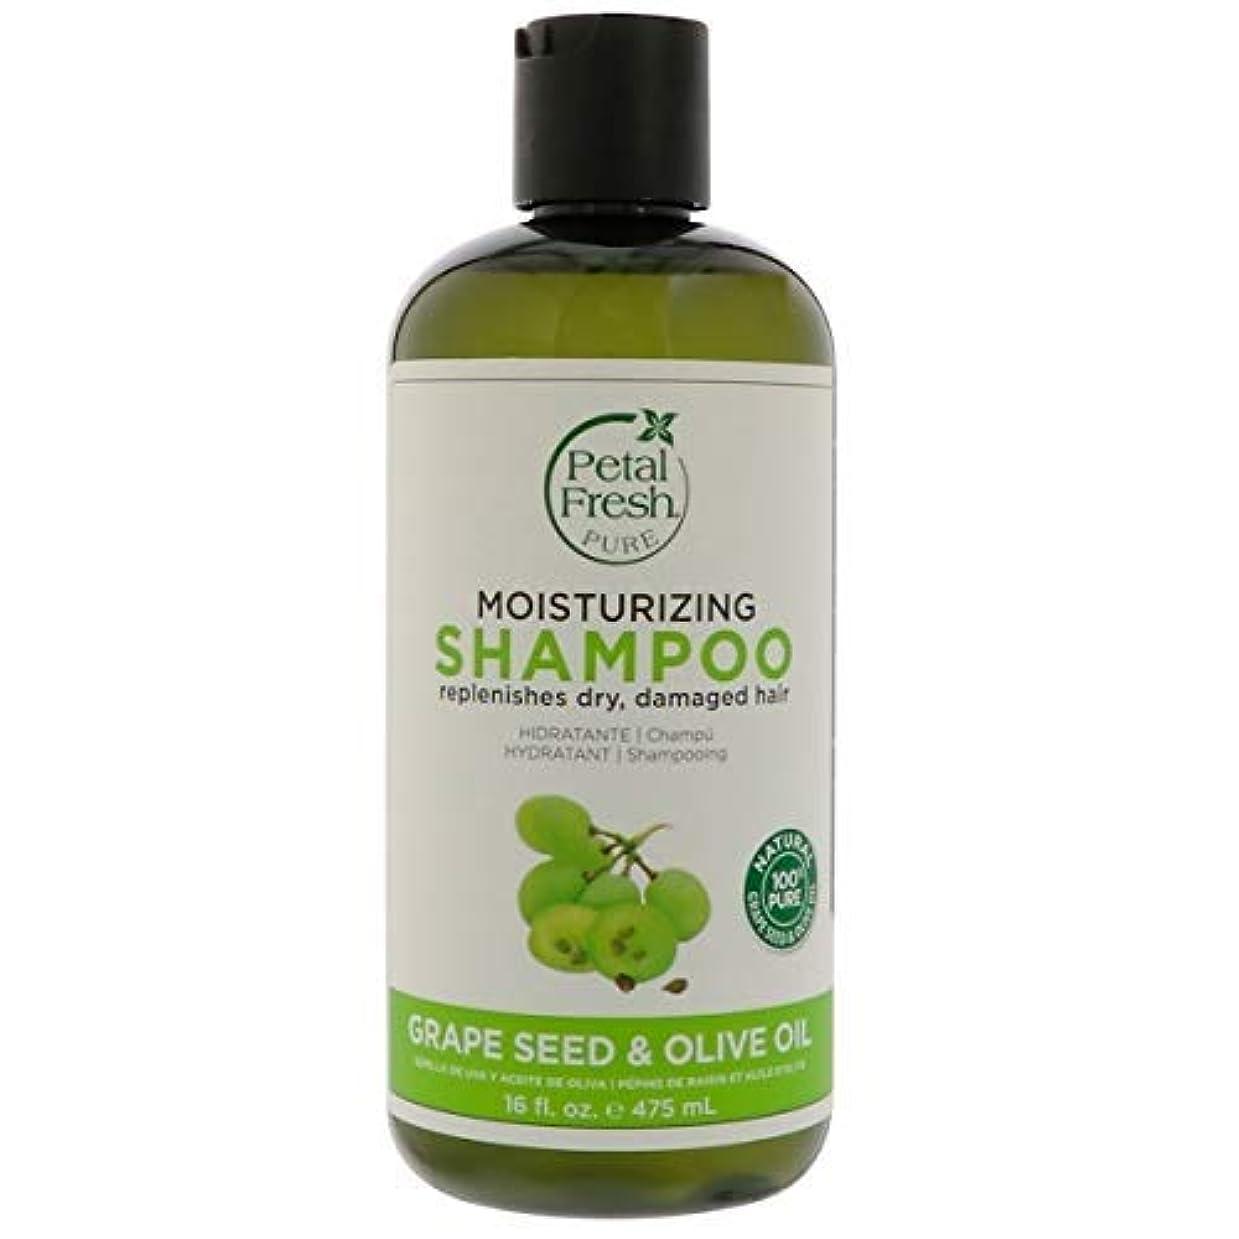 遅滞気を散らすモールス信号Petal Fresh Pure ペタルフレッシュピュア エイジディファイング(老化に免疫する)シャンプー グレープシード &オリーブオイル 16 fl oz (475 ml) [並行輸入品]